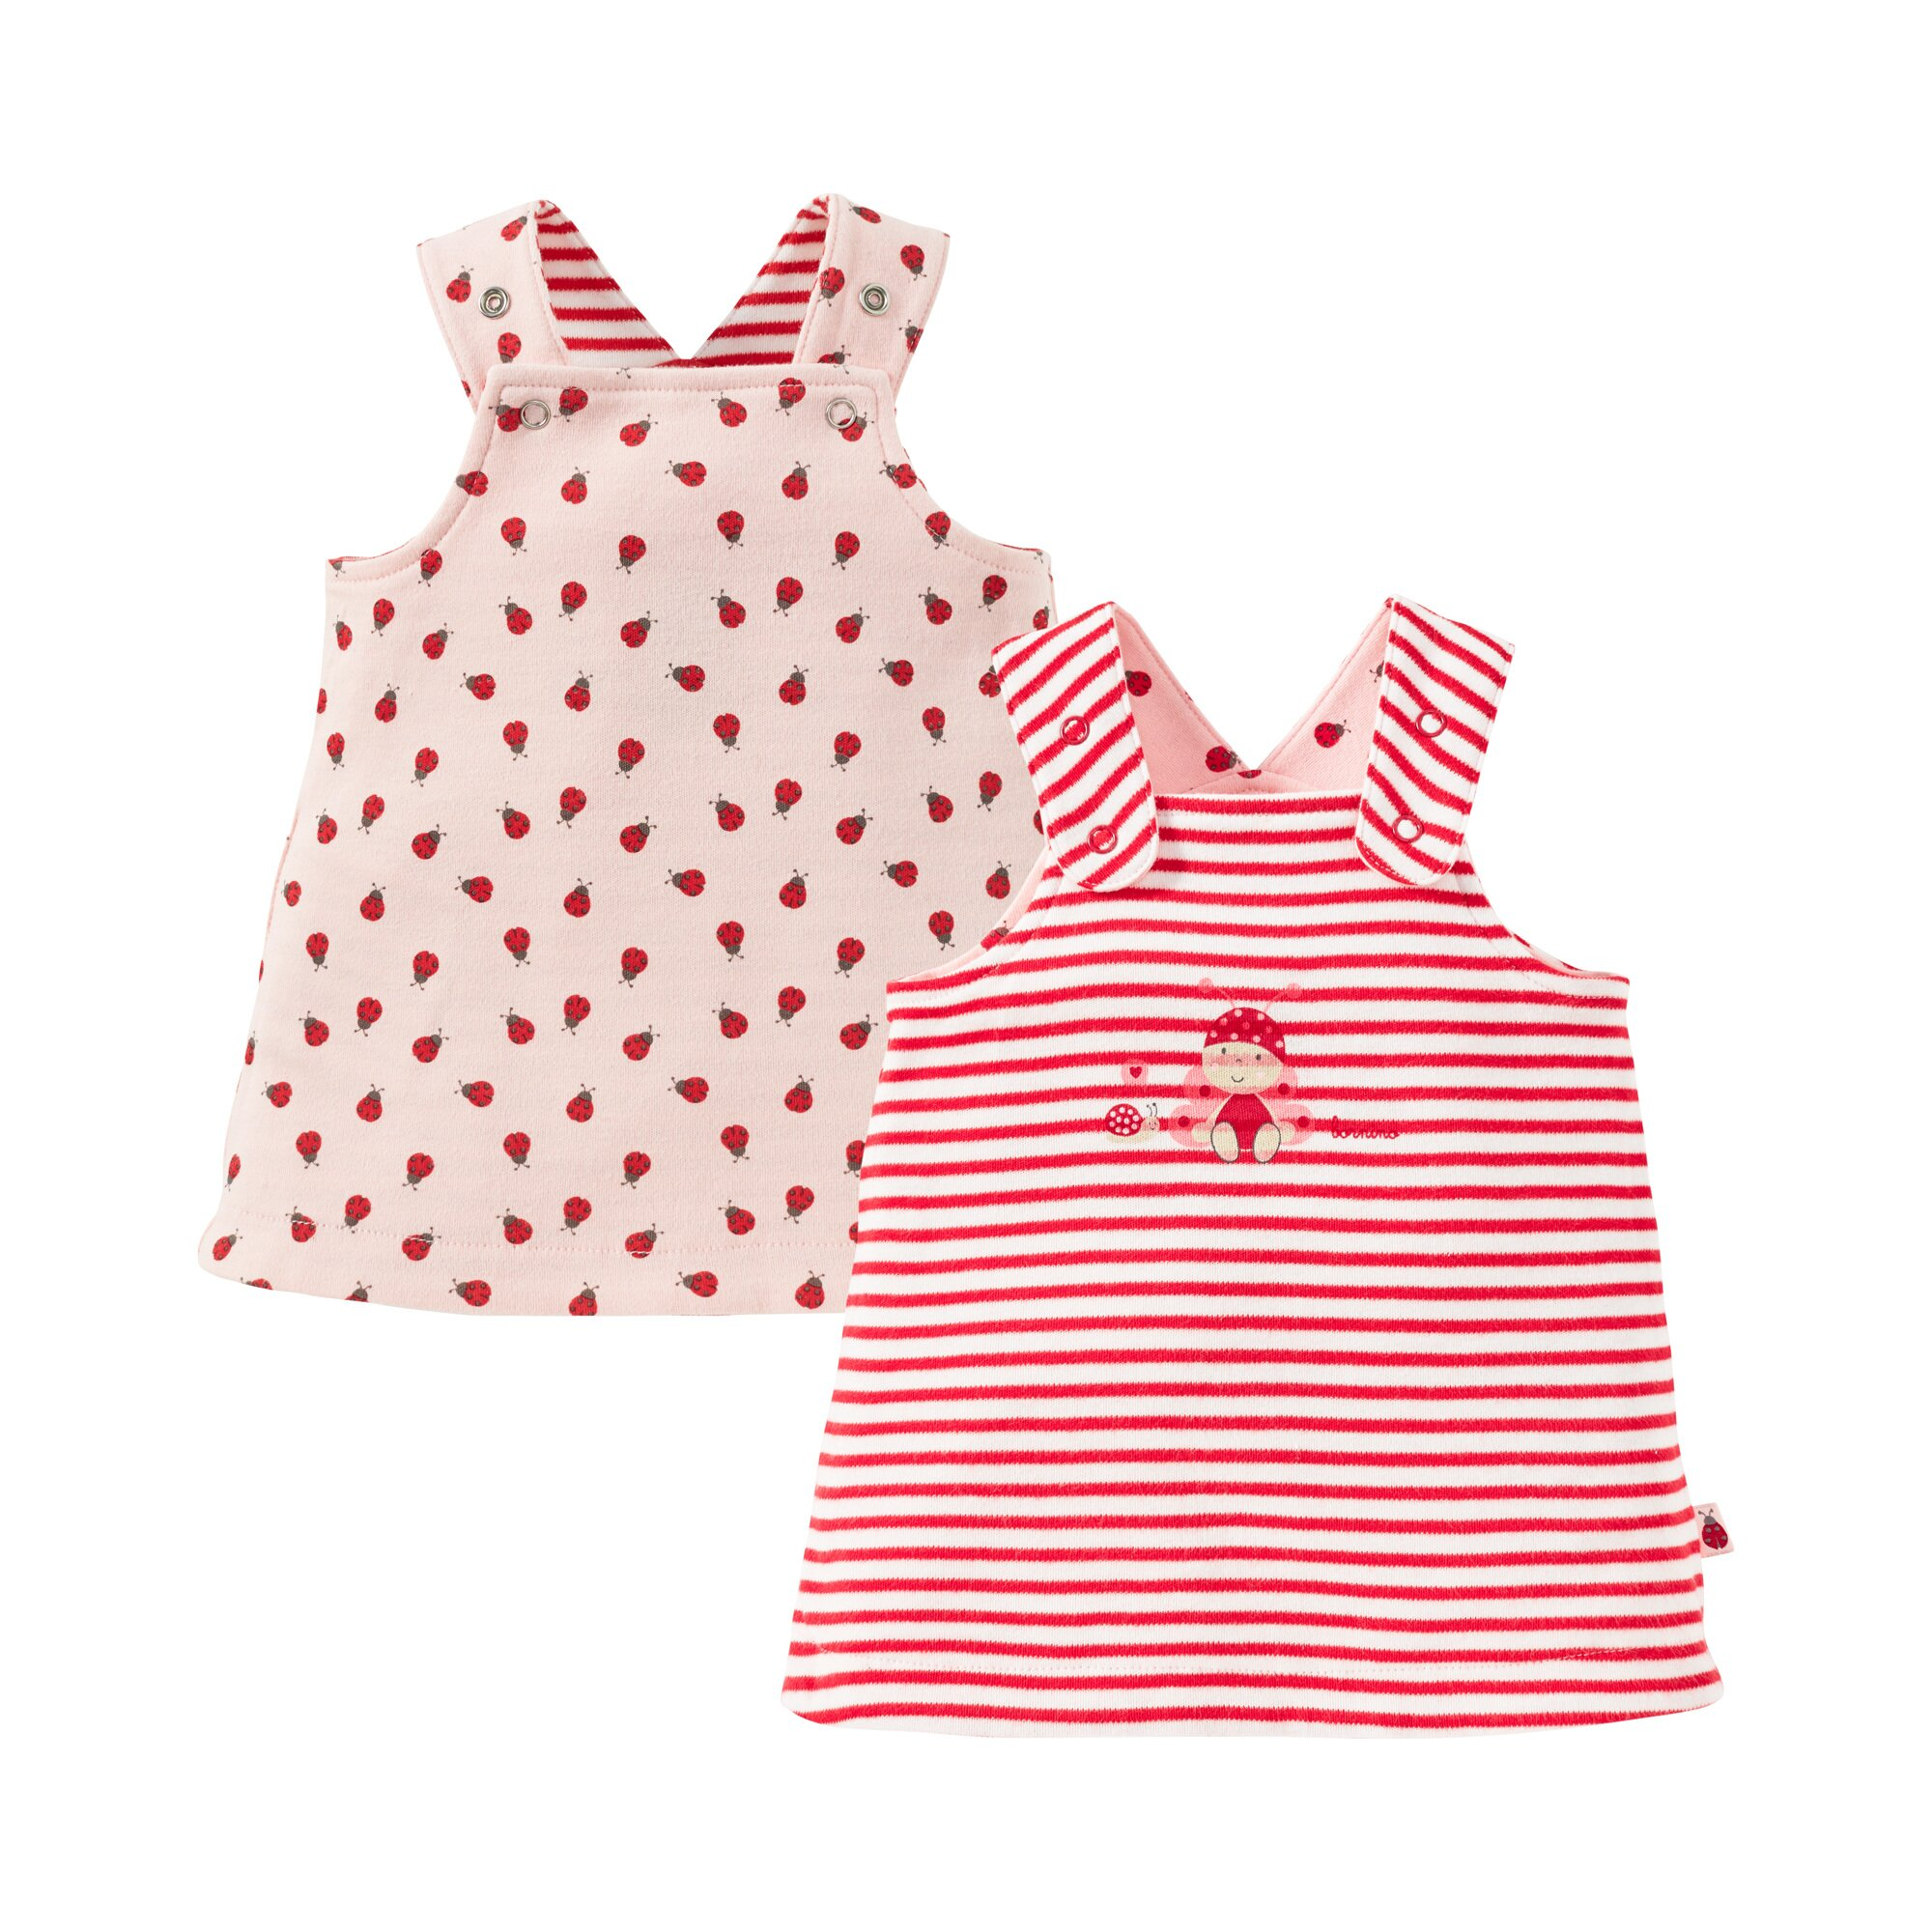 ladybug-2-tlg-set-wendekleid-und-shirt-langarm-ladybug